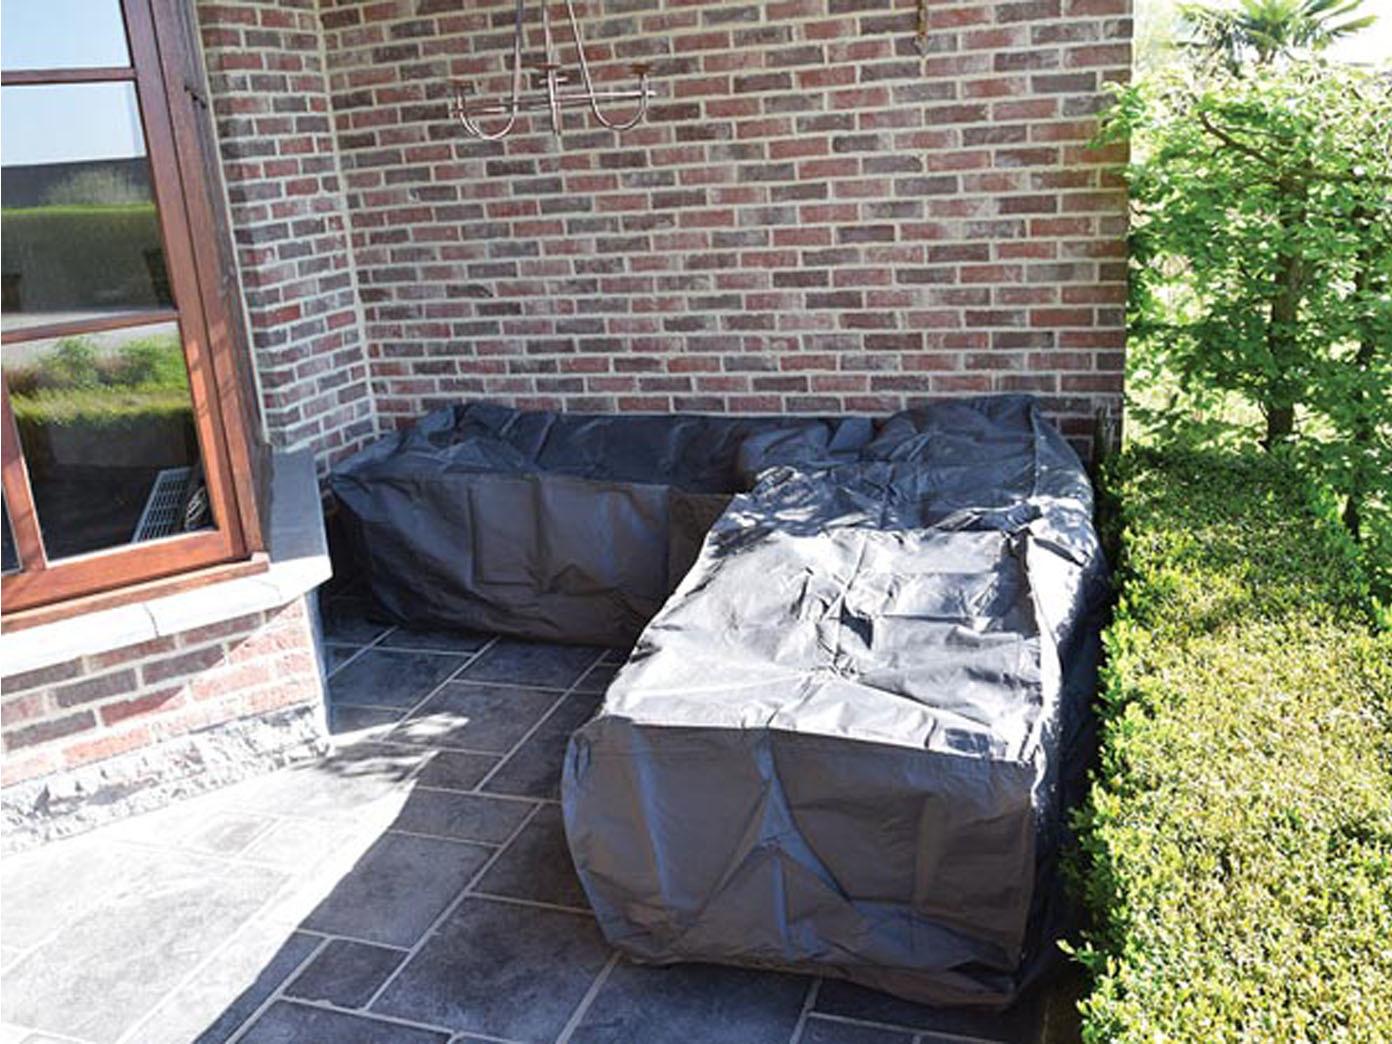 Schutzhülle Plane Gartenmöbel Loungemöbel Abdeckhaube M 240x180cm wasserfest